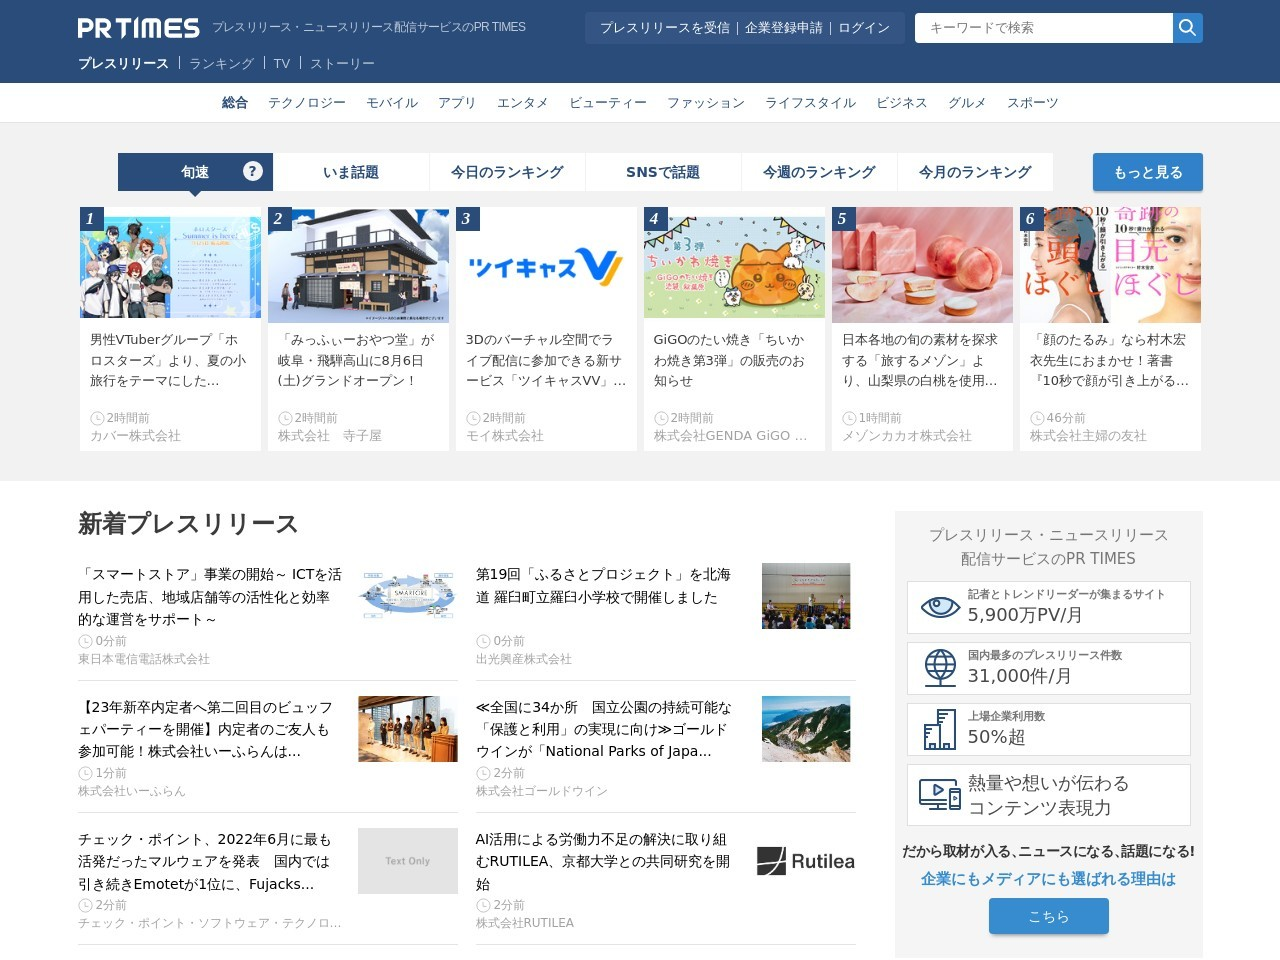 情報・通信業界の「休日の満足度が高い企業ランキング」発表! 1位は日本マイクロソフト(企業口コミ …